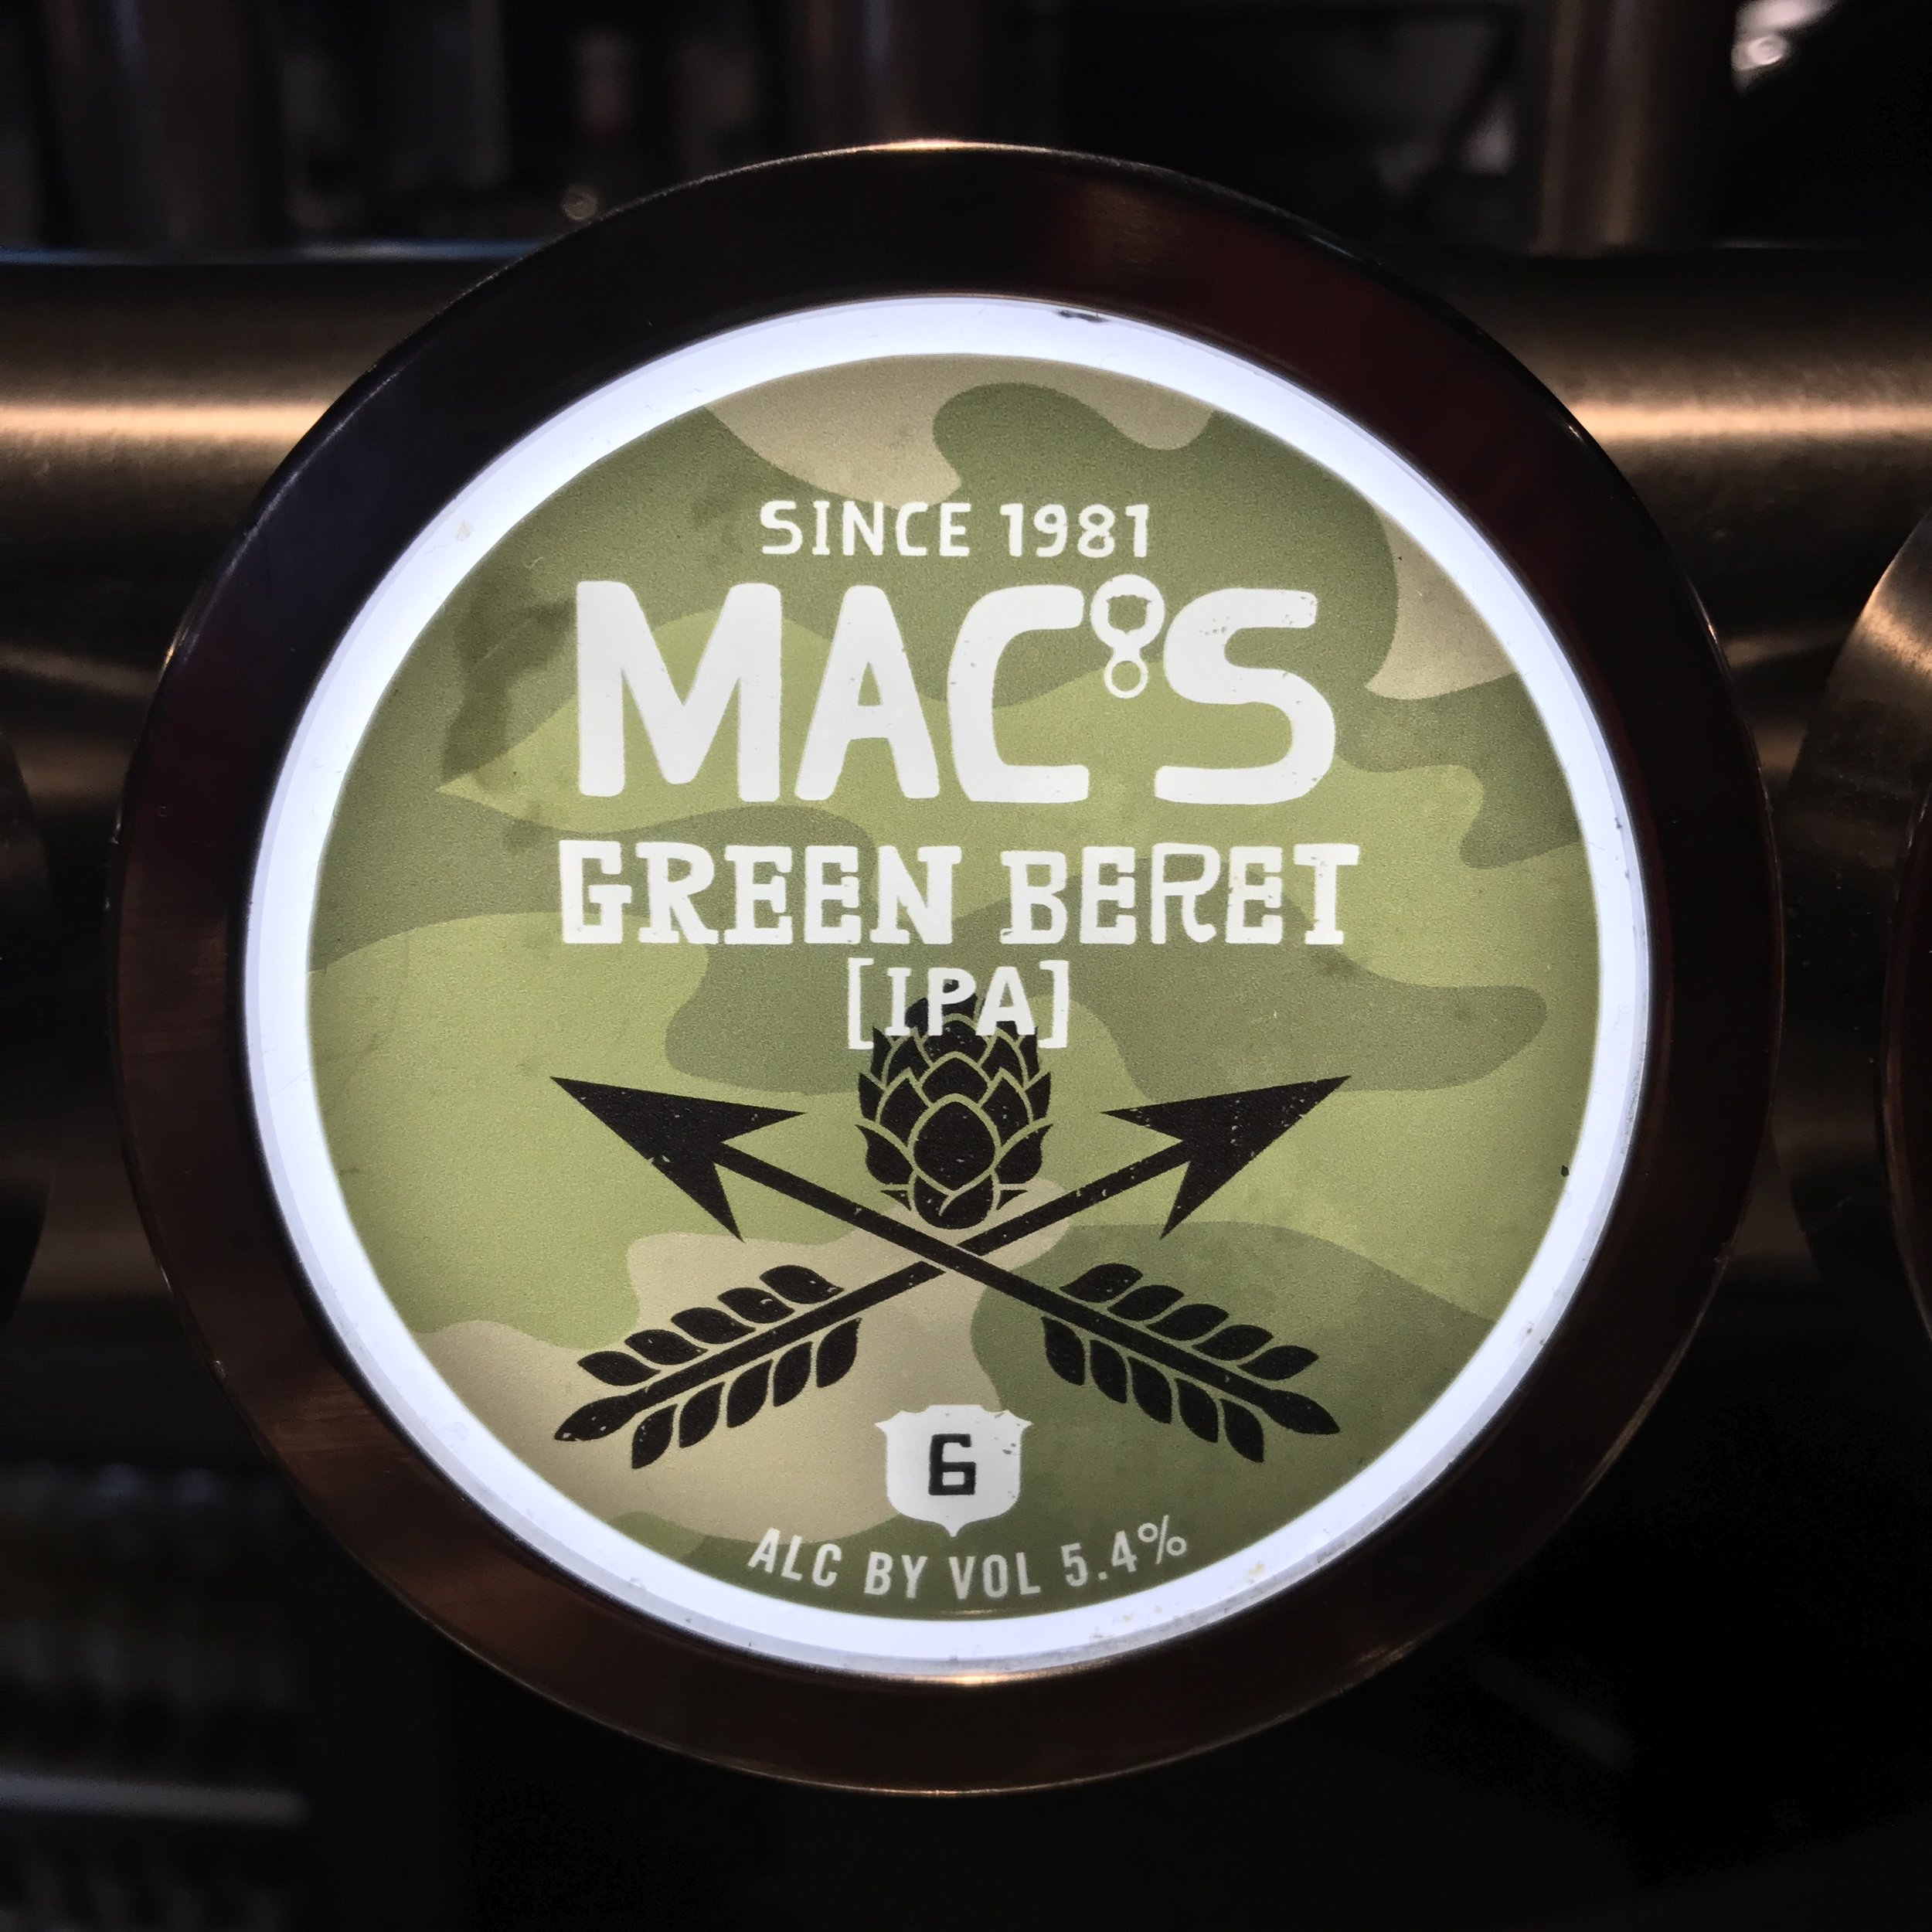 MAC'S GREEN BERET IPA